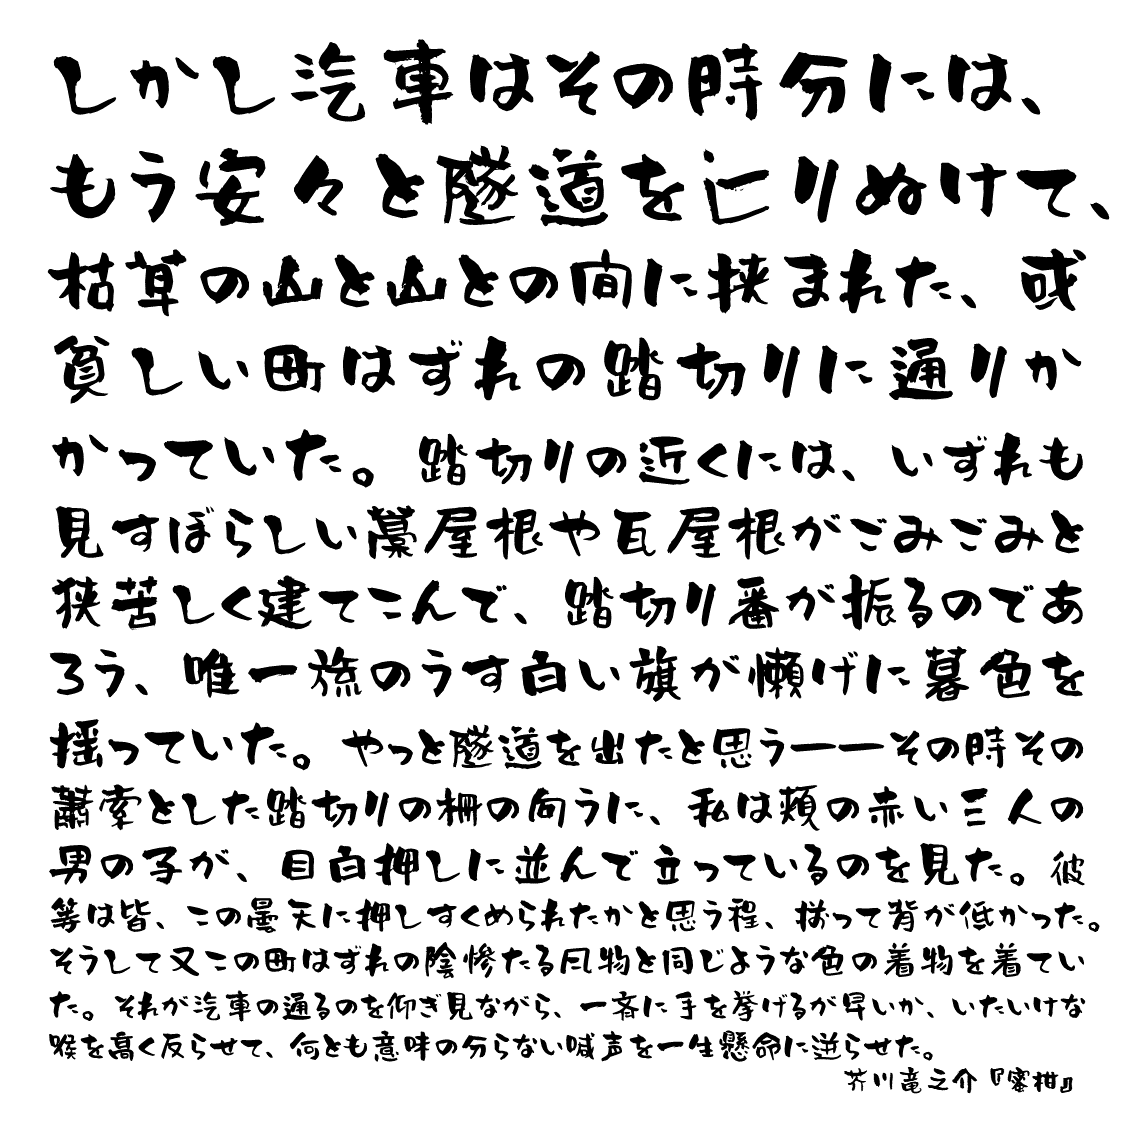 f:id:shokaki:20190806131649p:plain